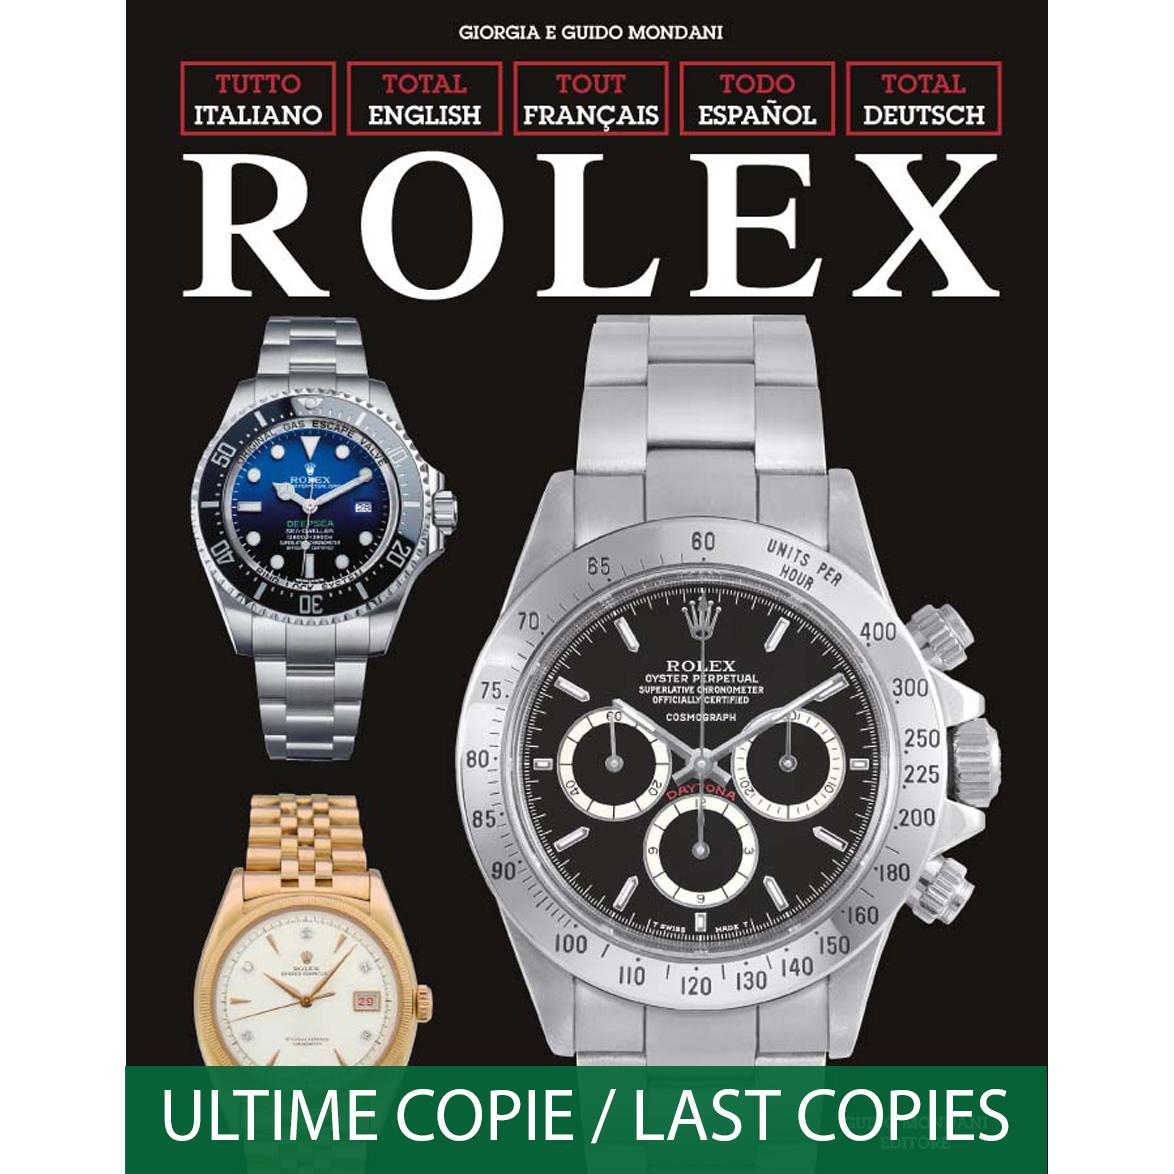 Per conoscere tutti i modelli Rolex moderni e d'epoca